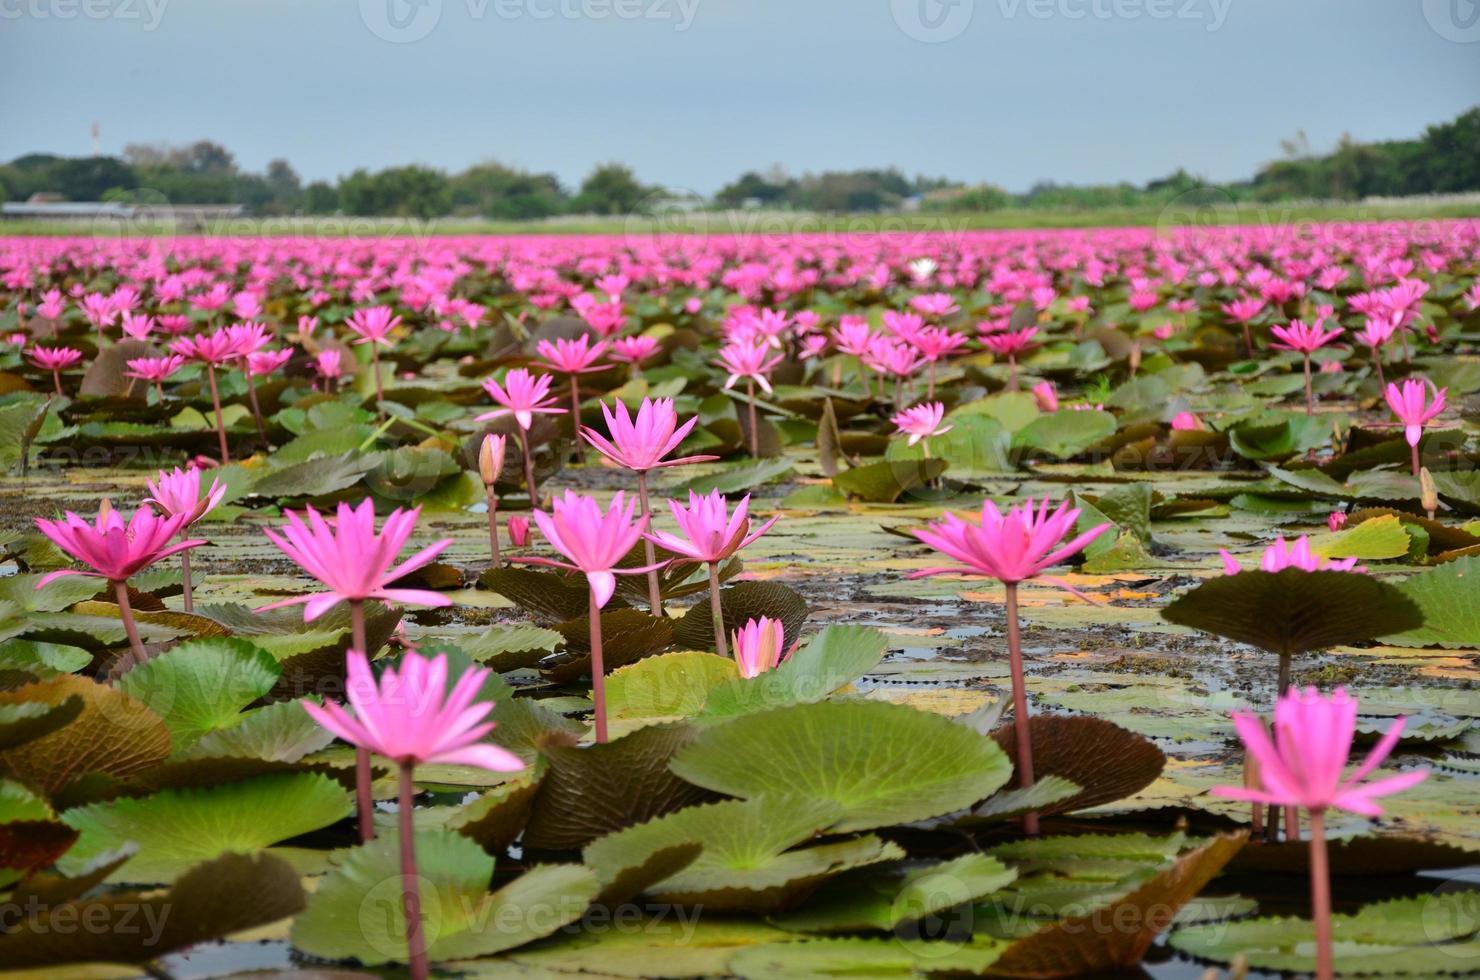 flores de loto en el lago foto